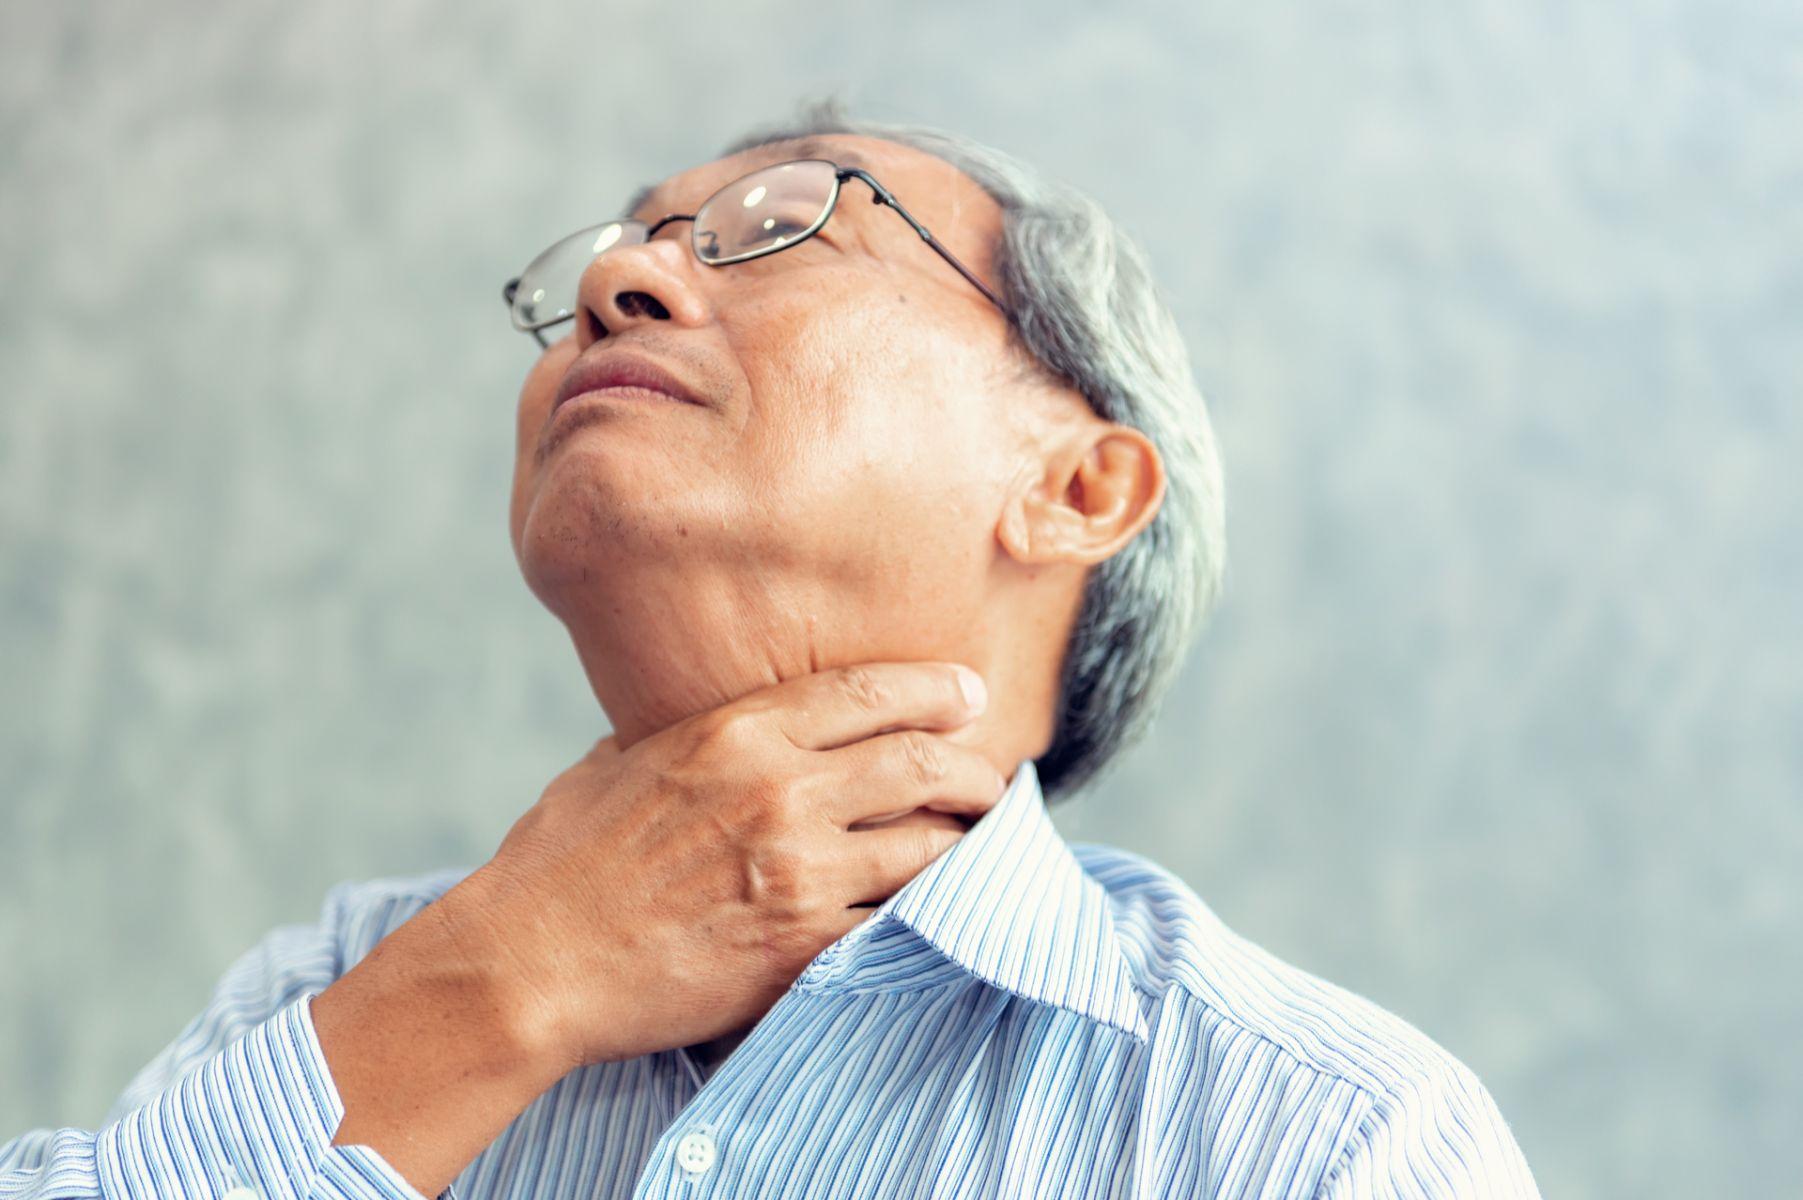 別小看「喘、咳、累」 菜瓜布肺恐上身